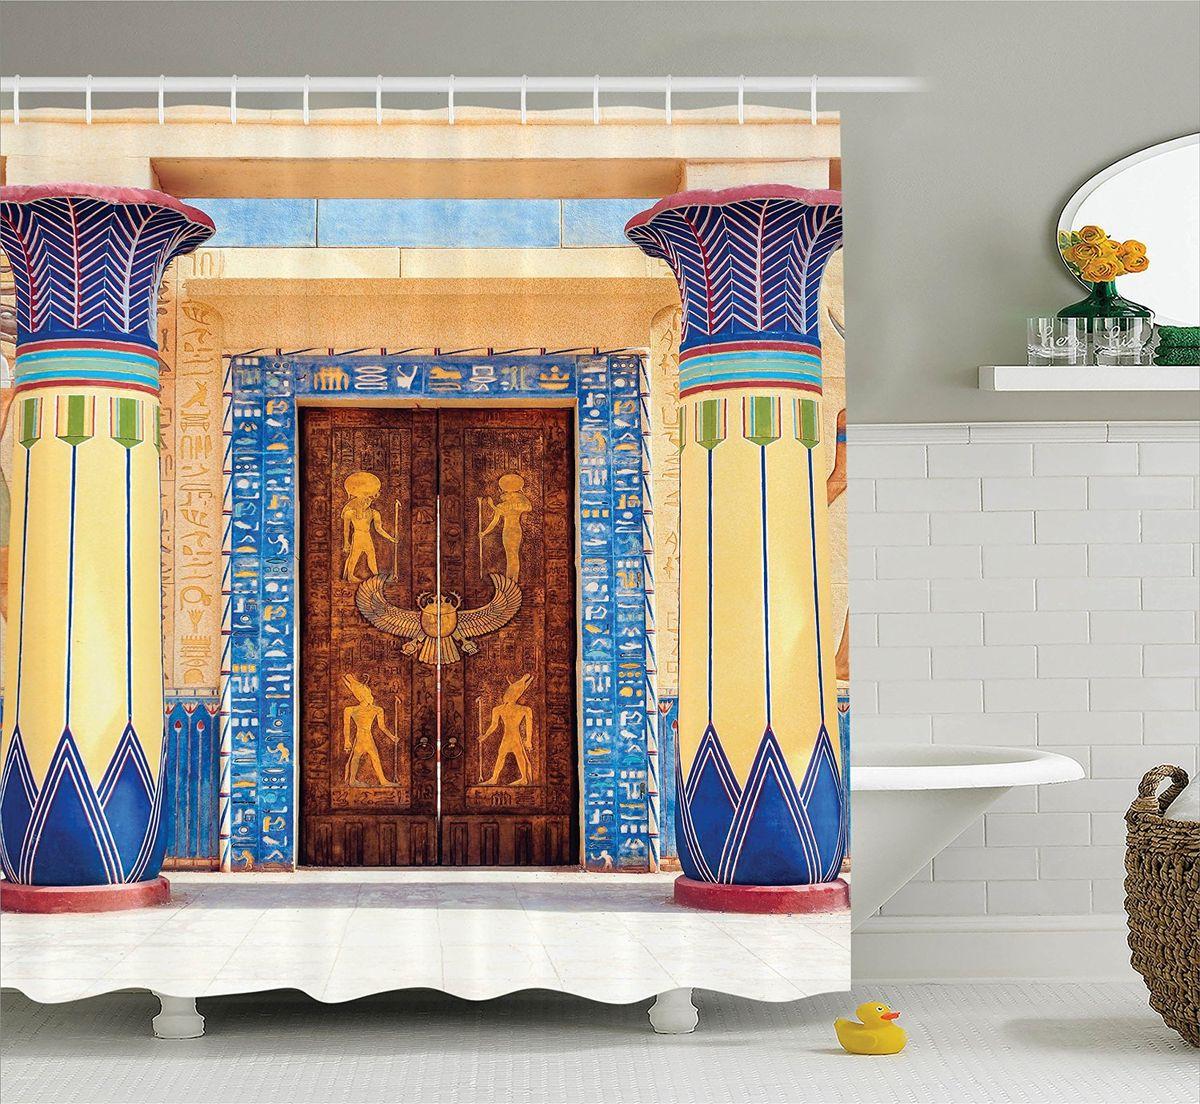 Штора для ванной комнаты Magic Lady Двери в египетском стиле, 180 х 200 смшв_15238Штора Magic Lady Двери в египетском стиле, изготовленная из высококачественного сатена (полиэстер 100%), отлично дополнит любой интерьер ванной комнаты. При изготовлении используются специальные гипоаллергенные чернила для прямой печати по ткани, безопасные для человека. В комплекте: 1 штора, 12 крючков. Обращаем ваше внимание, фактический цвет изделия может незначительно отличаться от представленного на фото.